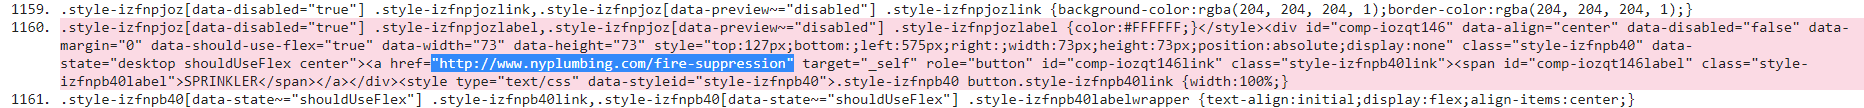 Deadlink Code